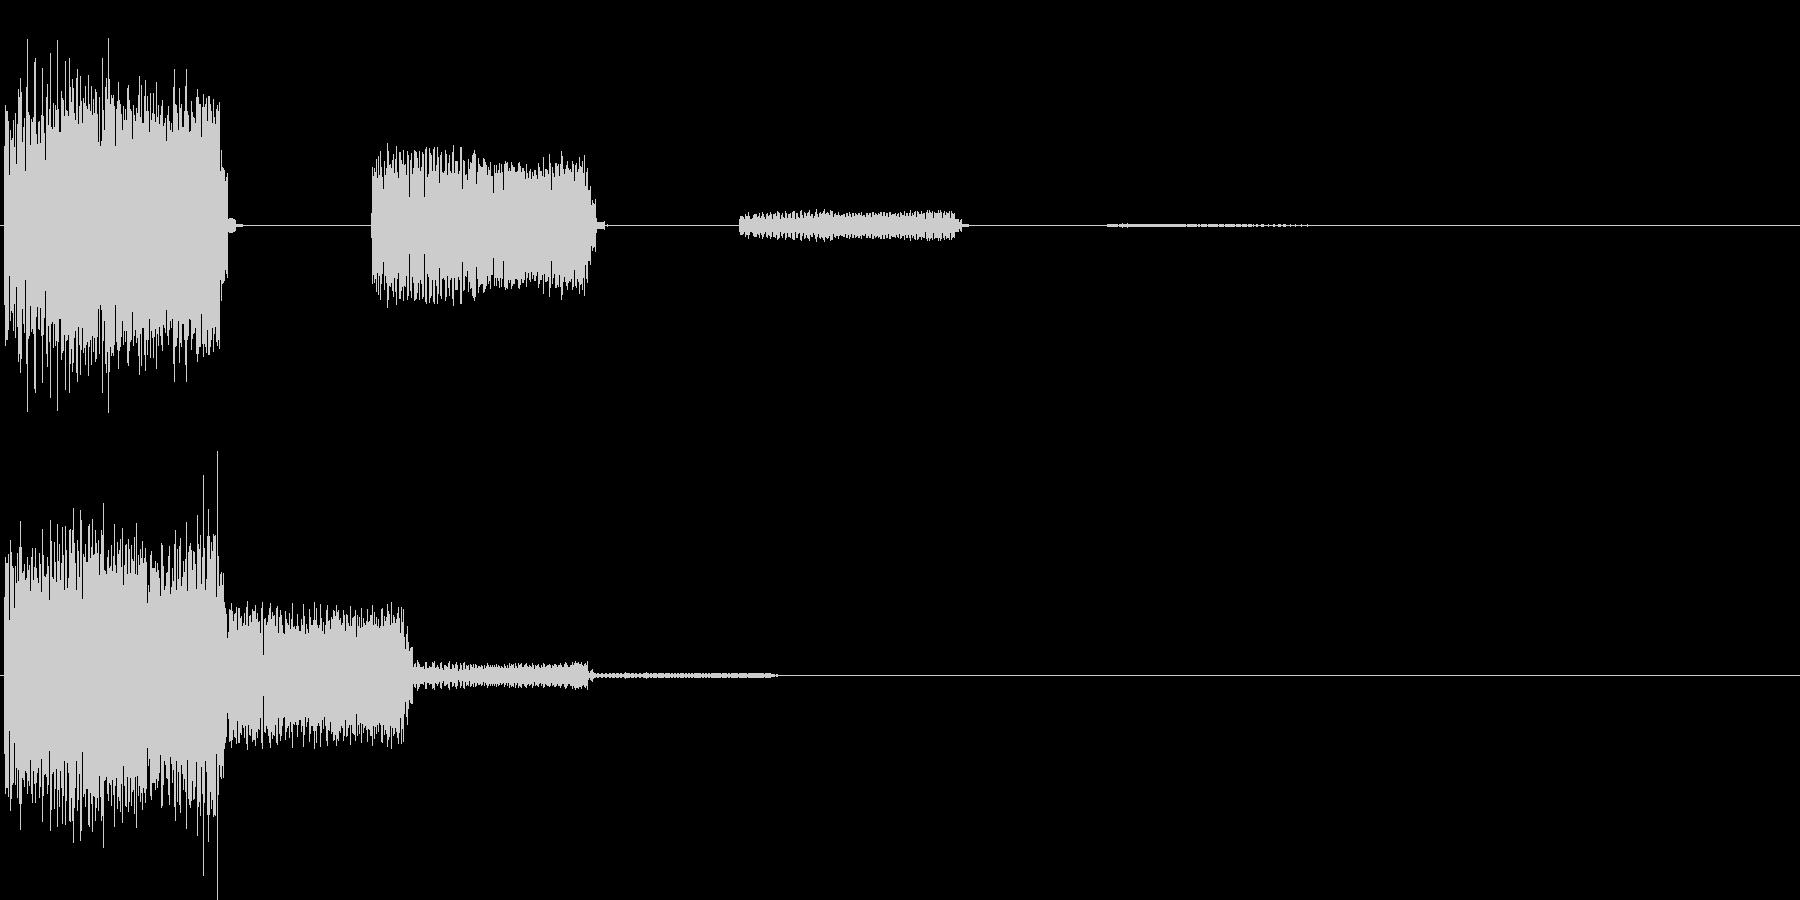 ビヨヨビヨヨ…(決定音・デジタル)の未再生の波形